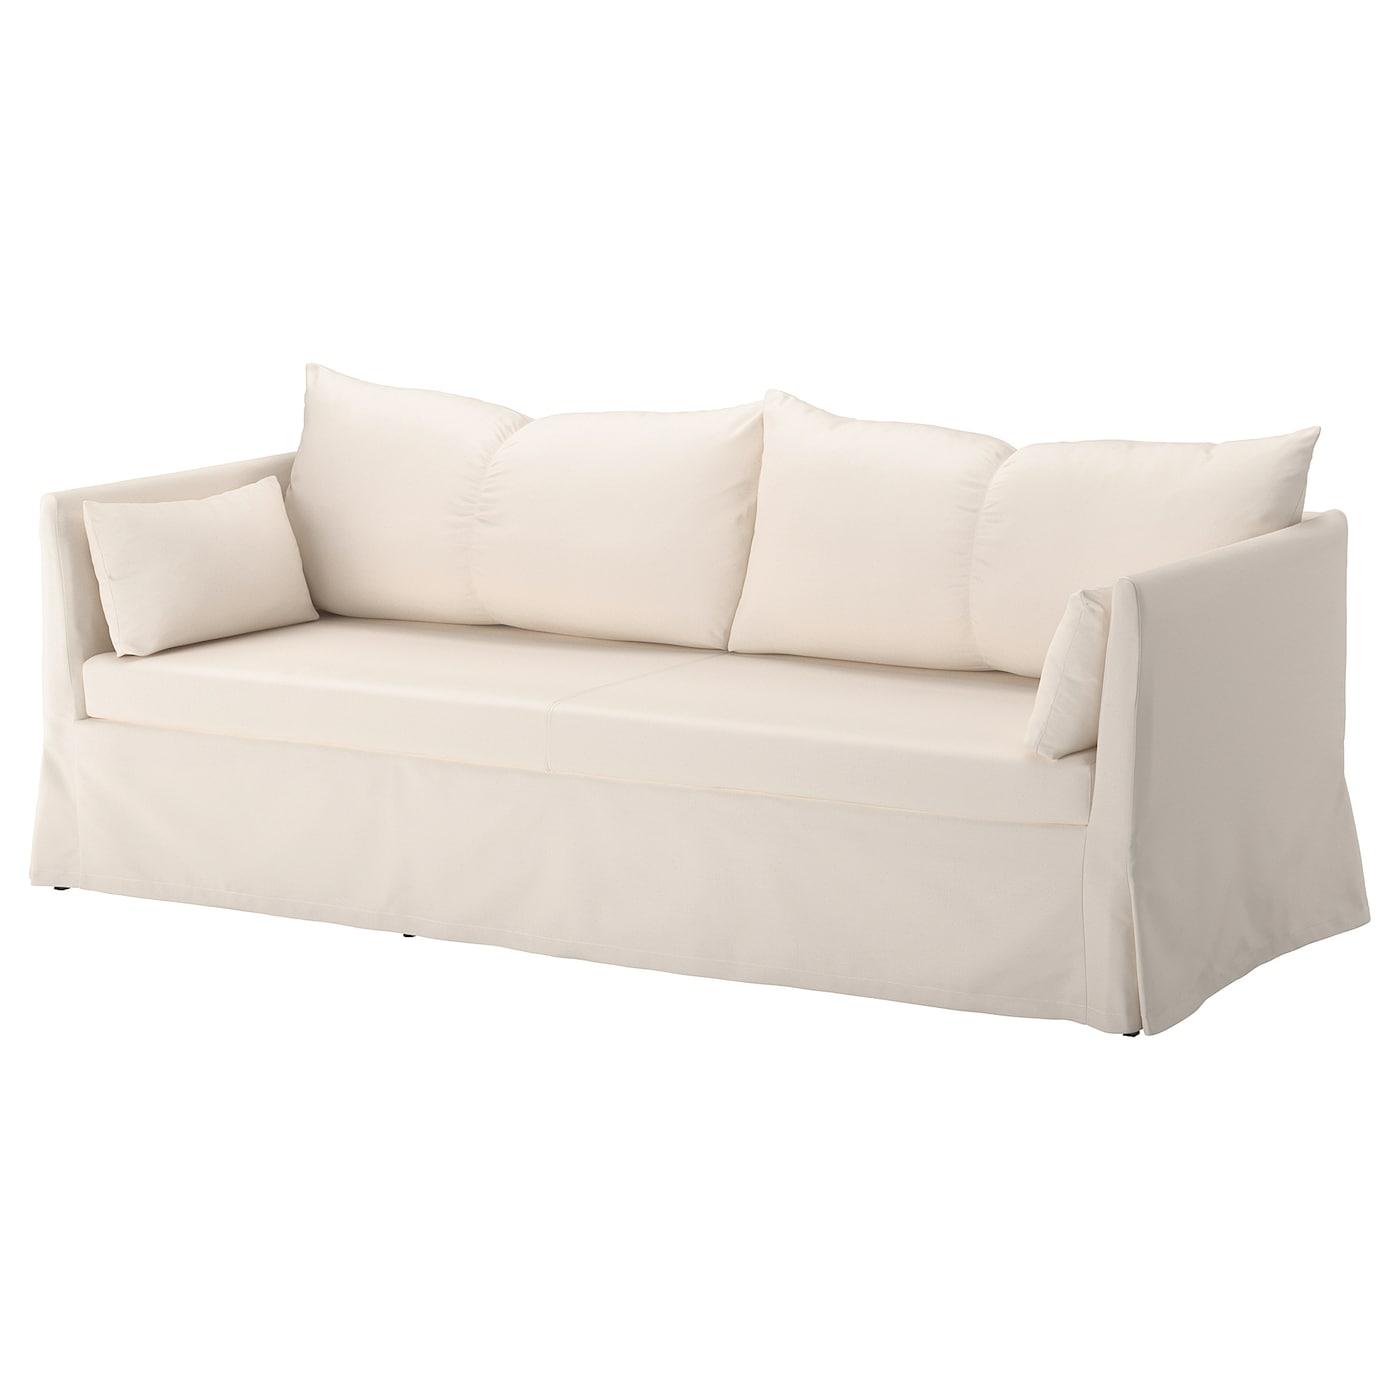 SANDBACKEN 3-seat sofa, Ransta natural - IKEA Ireland